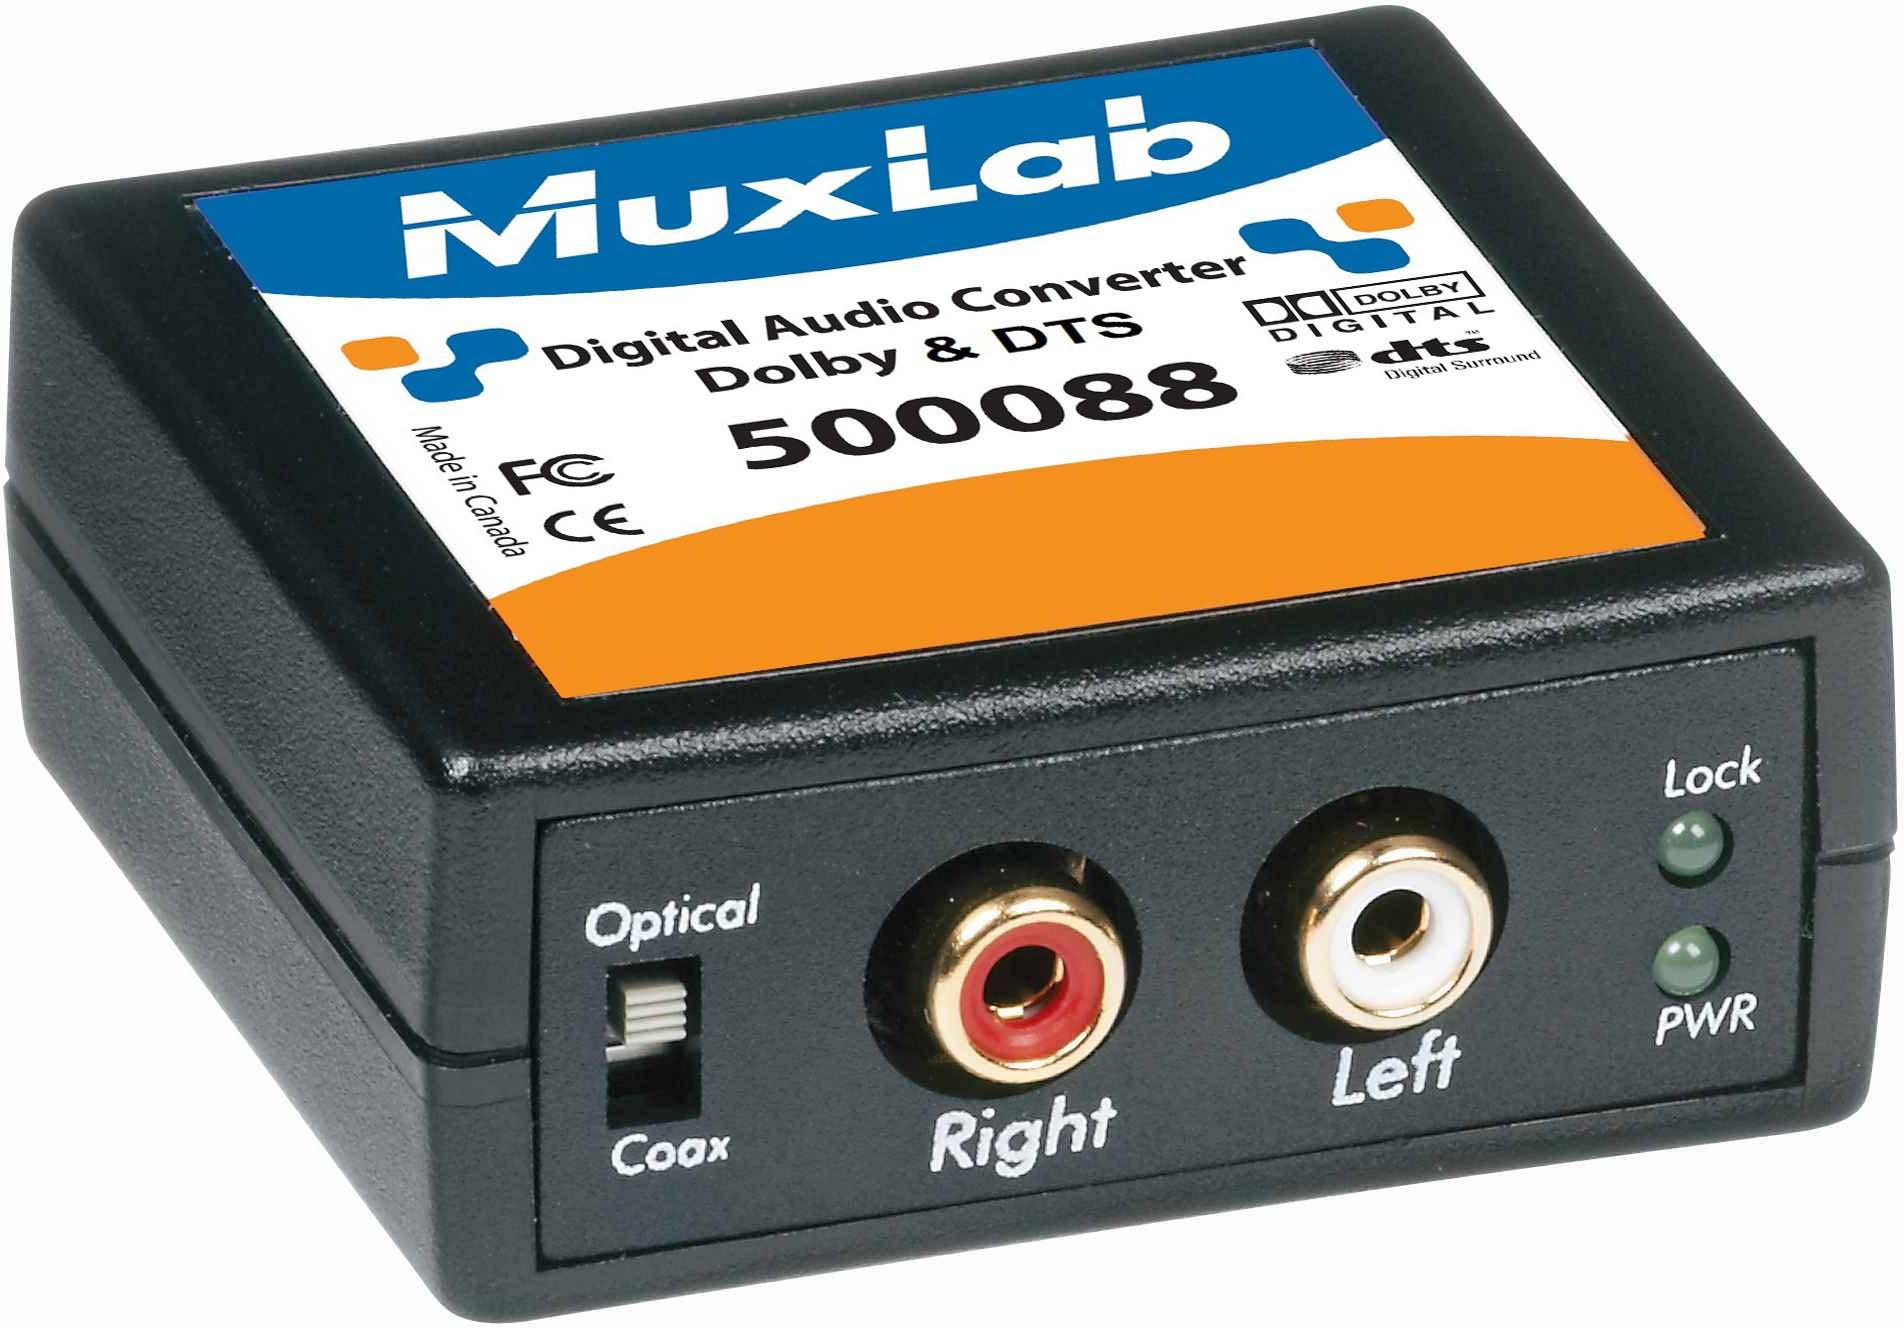 Muxlab 500088